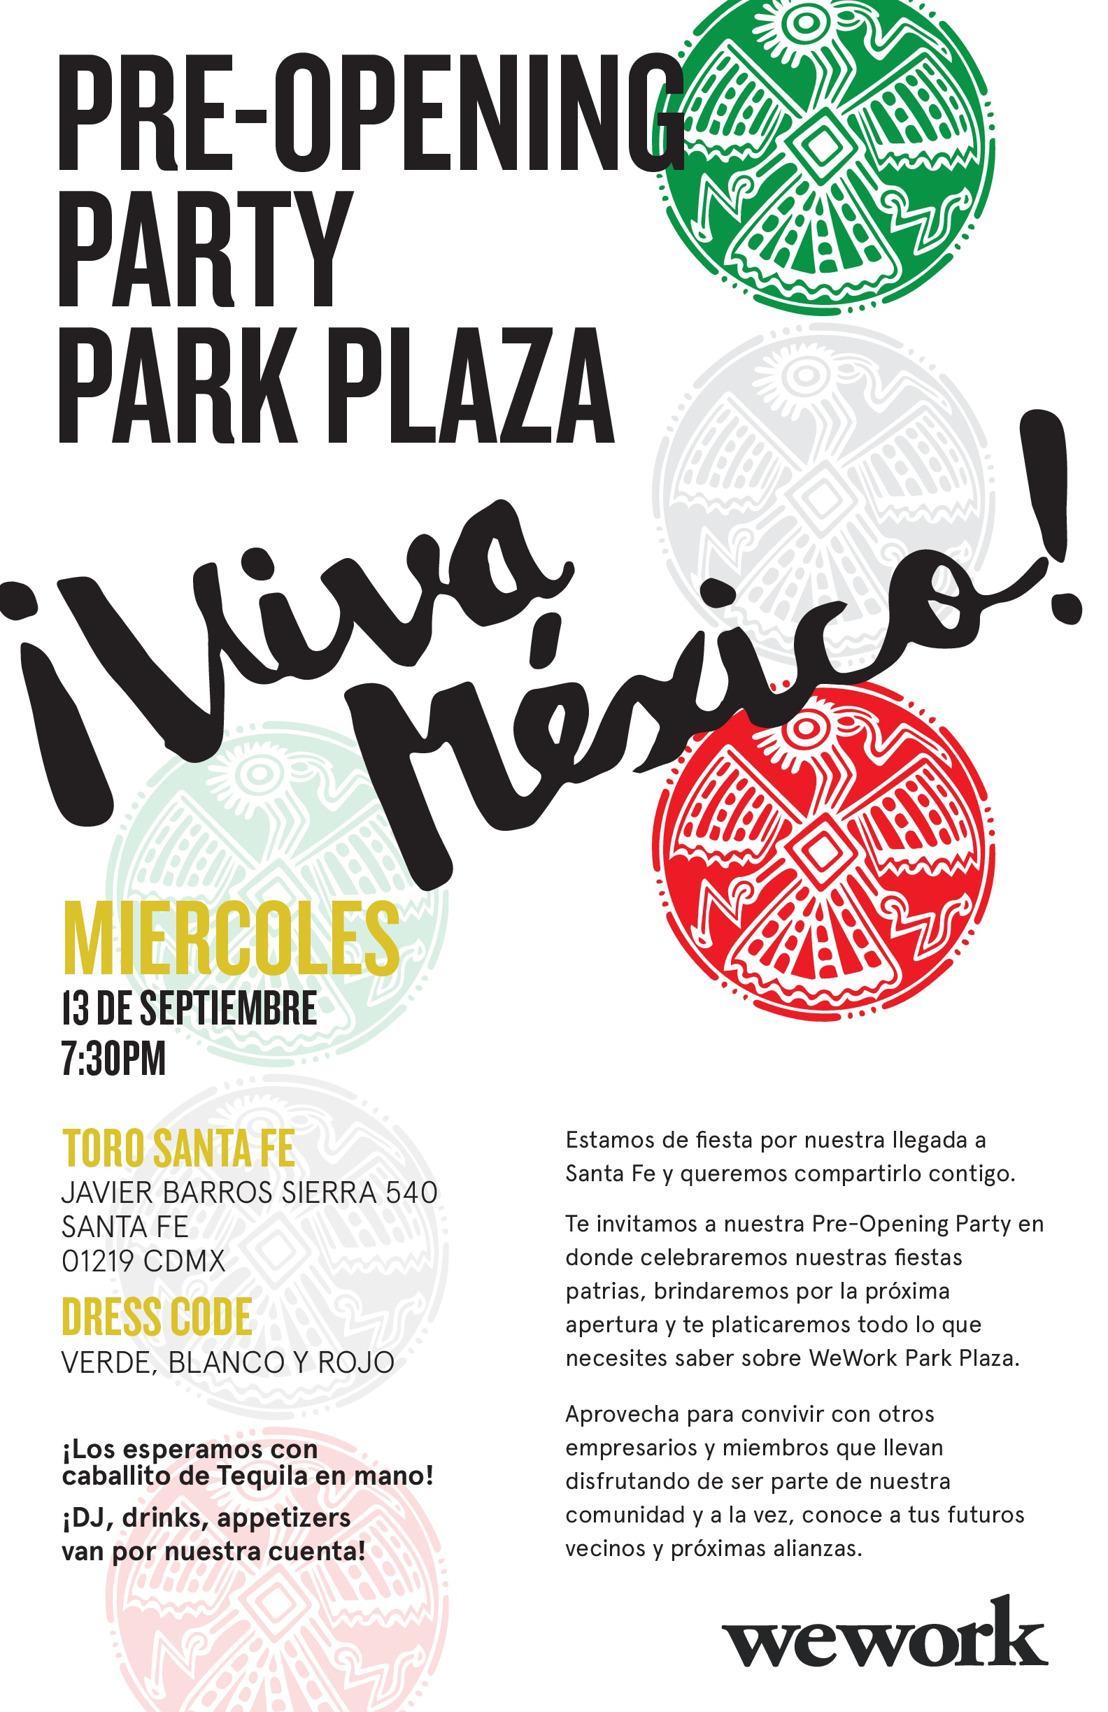 Te esperamos para festejar la fiesta de pre opening de WeWork Park Plaza